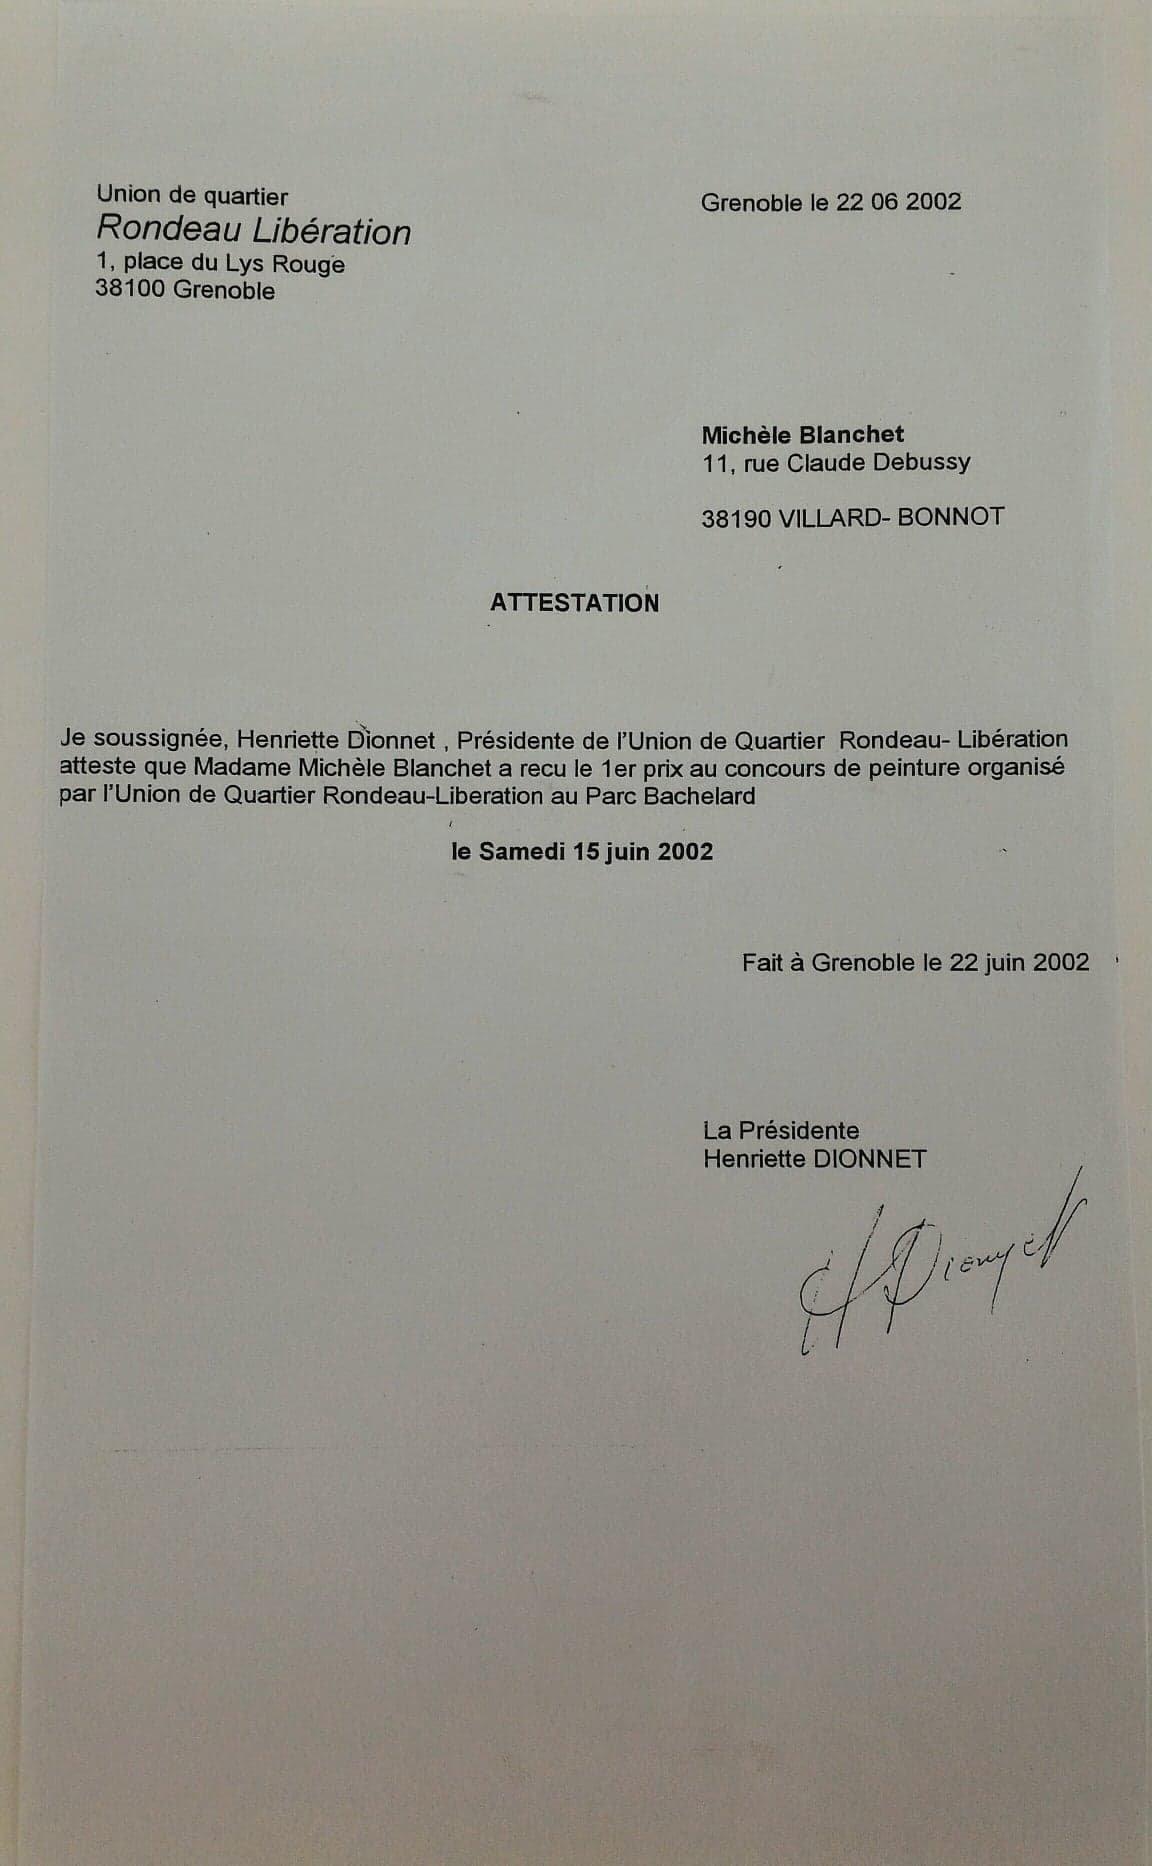 Michèle Blanchet-Durand - 1er prix au concours de peinture organisé par l'Union de Quartier Rondeau-Libération au parc Bachelard